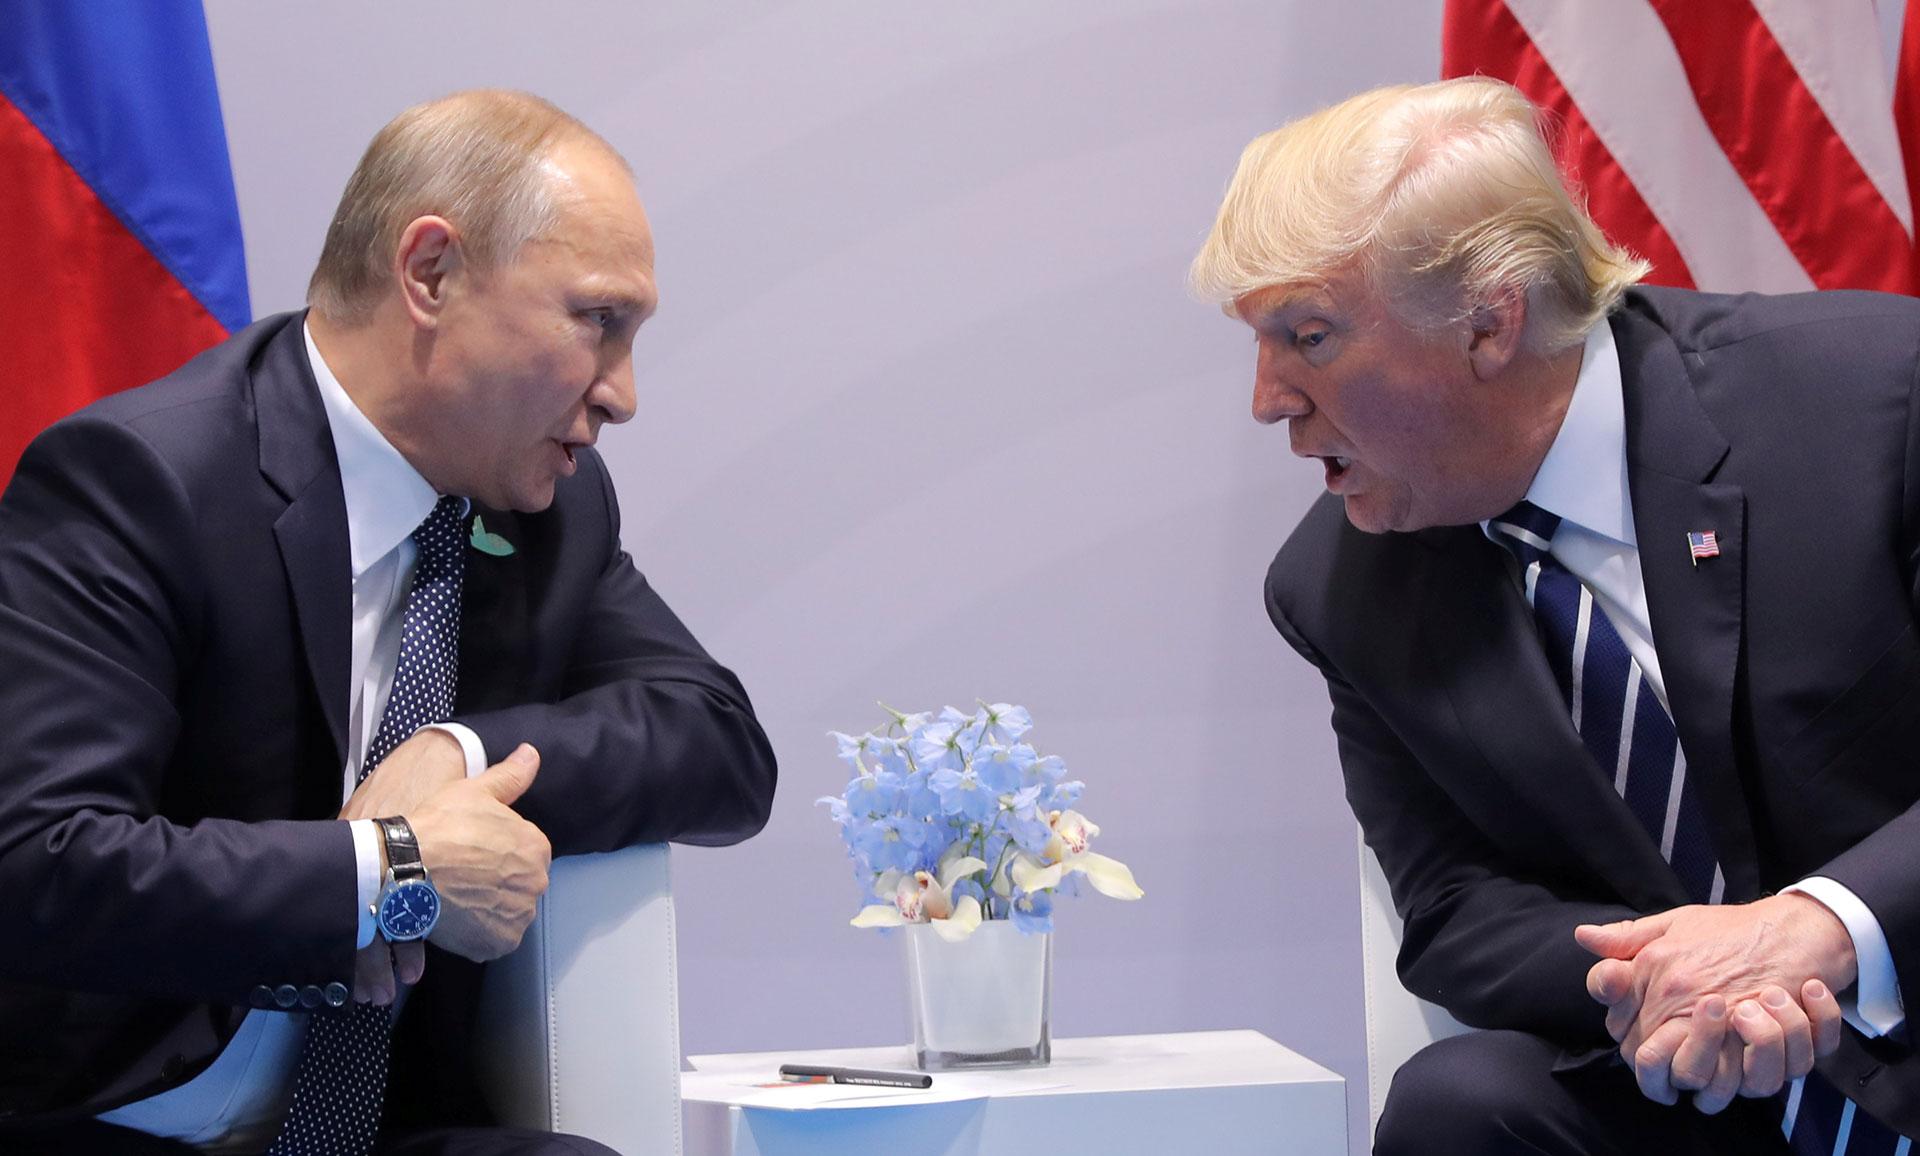 El mandatarioruso Vladimir Putin en su encuentro con su par estadounidense, Donald Trump. (REUTERS/Carlos Barria)